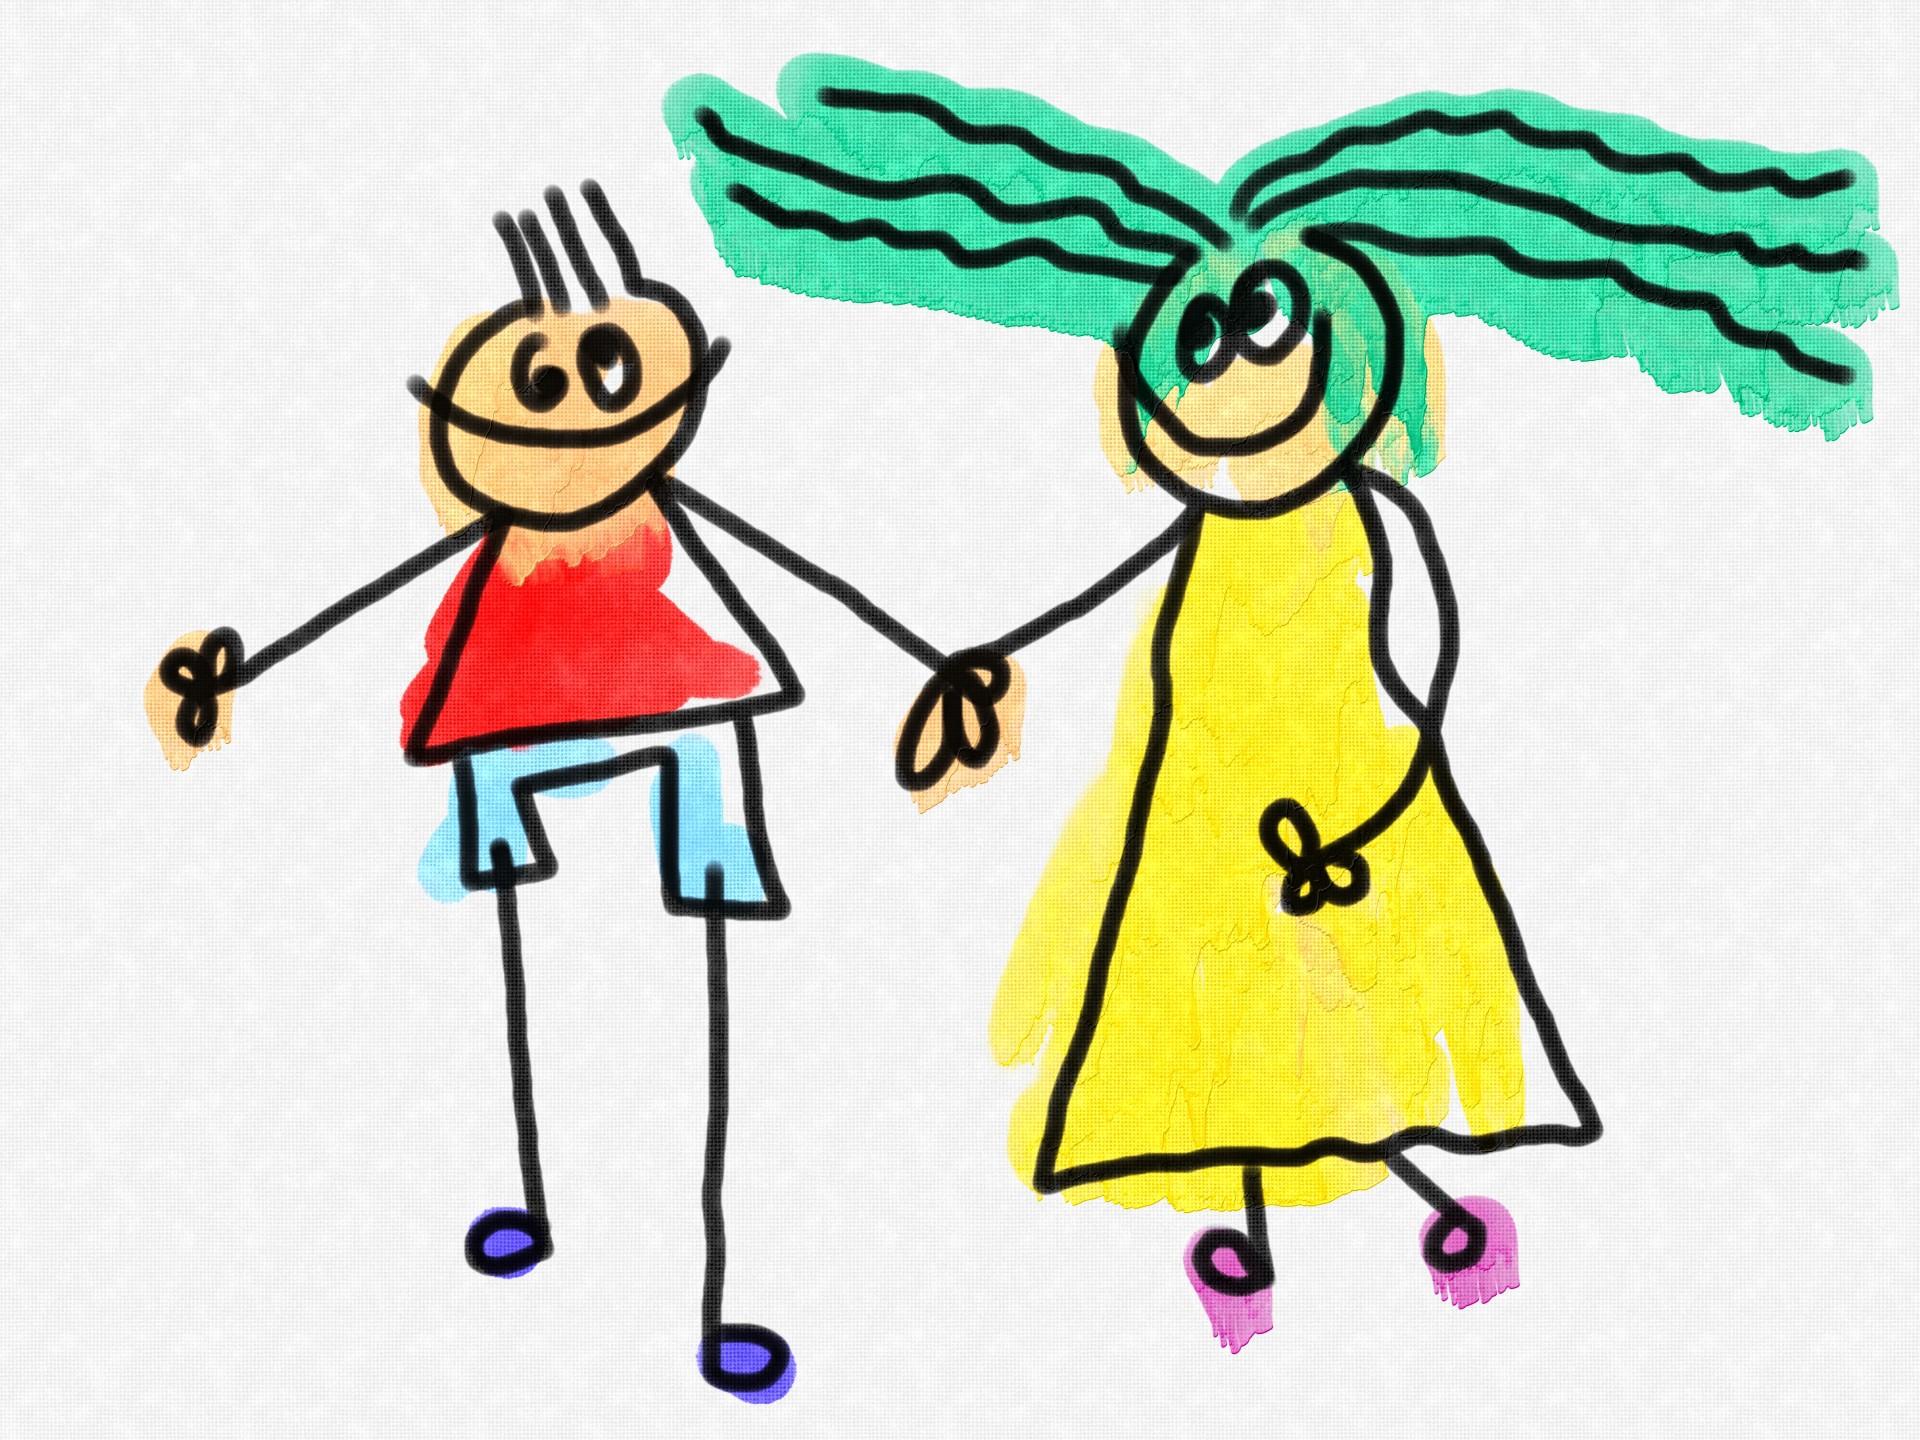 1920x1440 Children Holding Hands